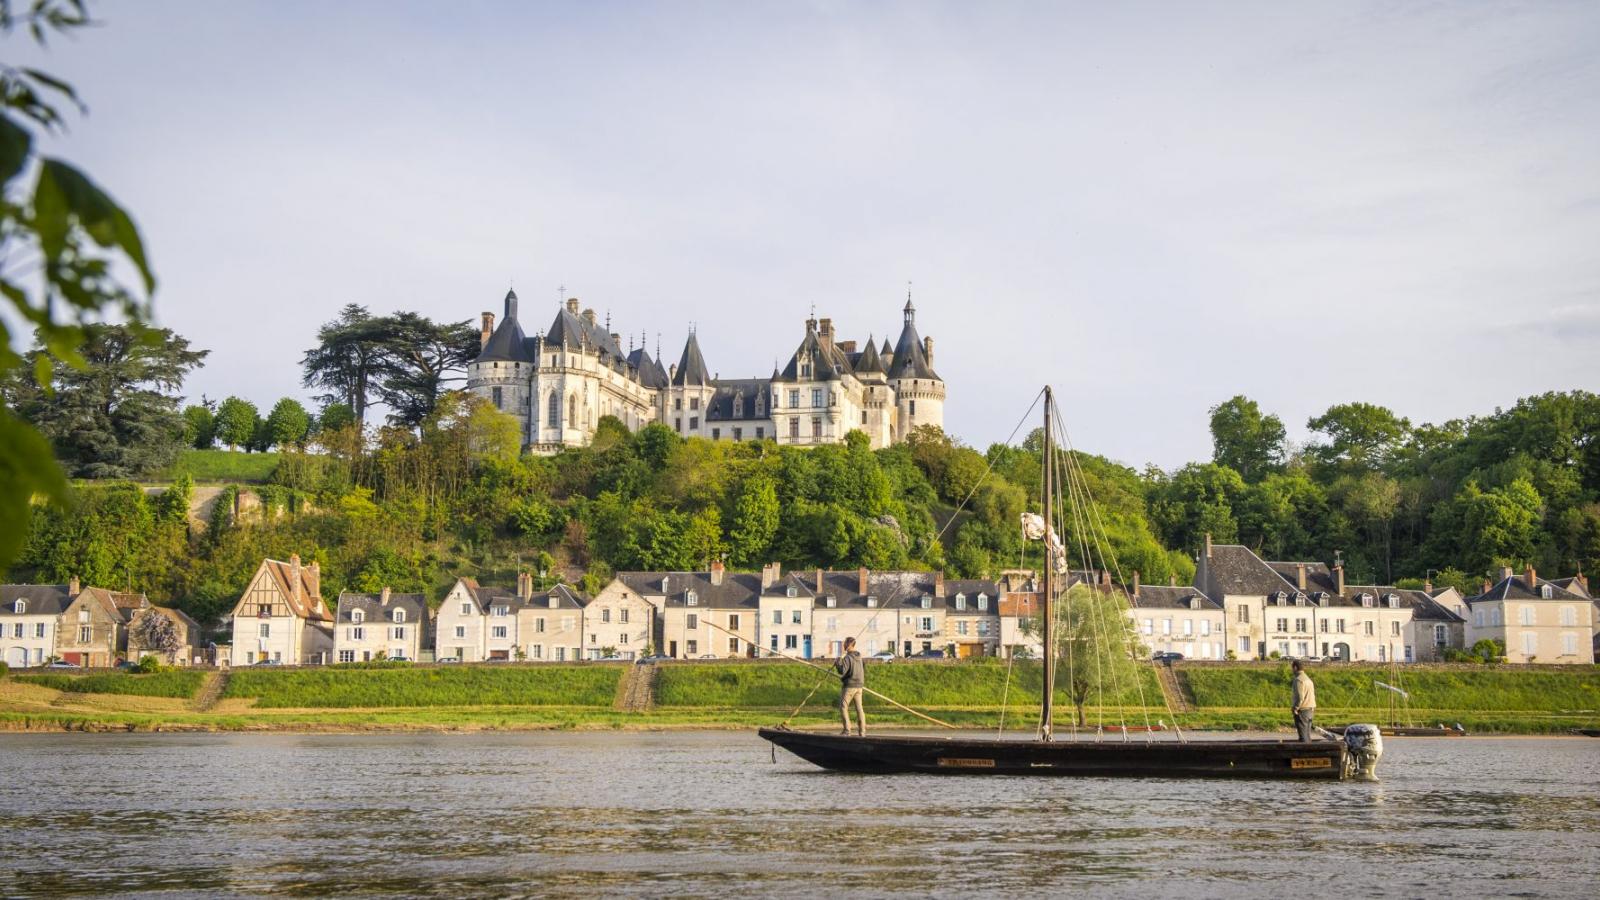 bateau et chateau chaumont sur loire